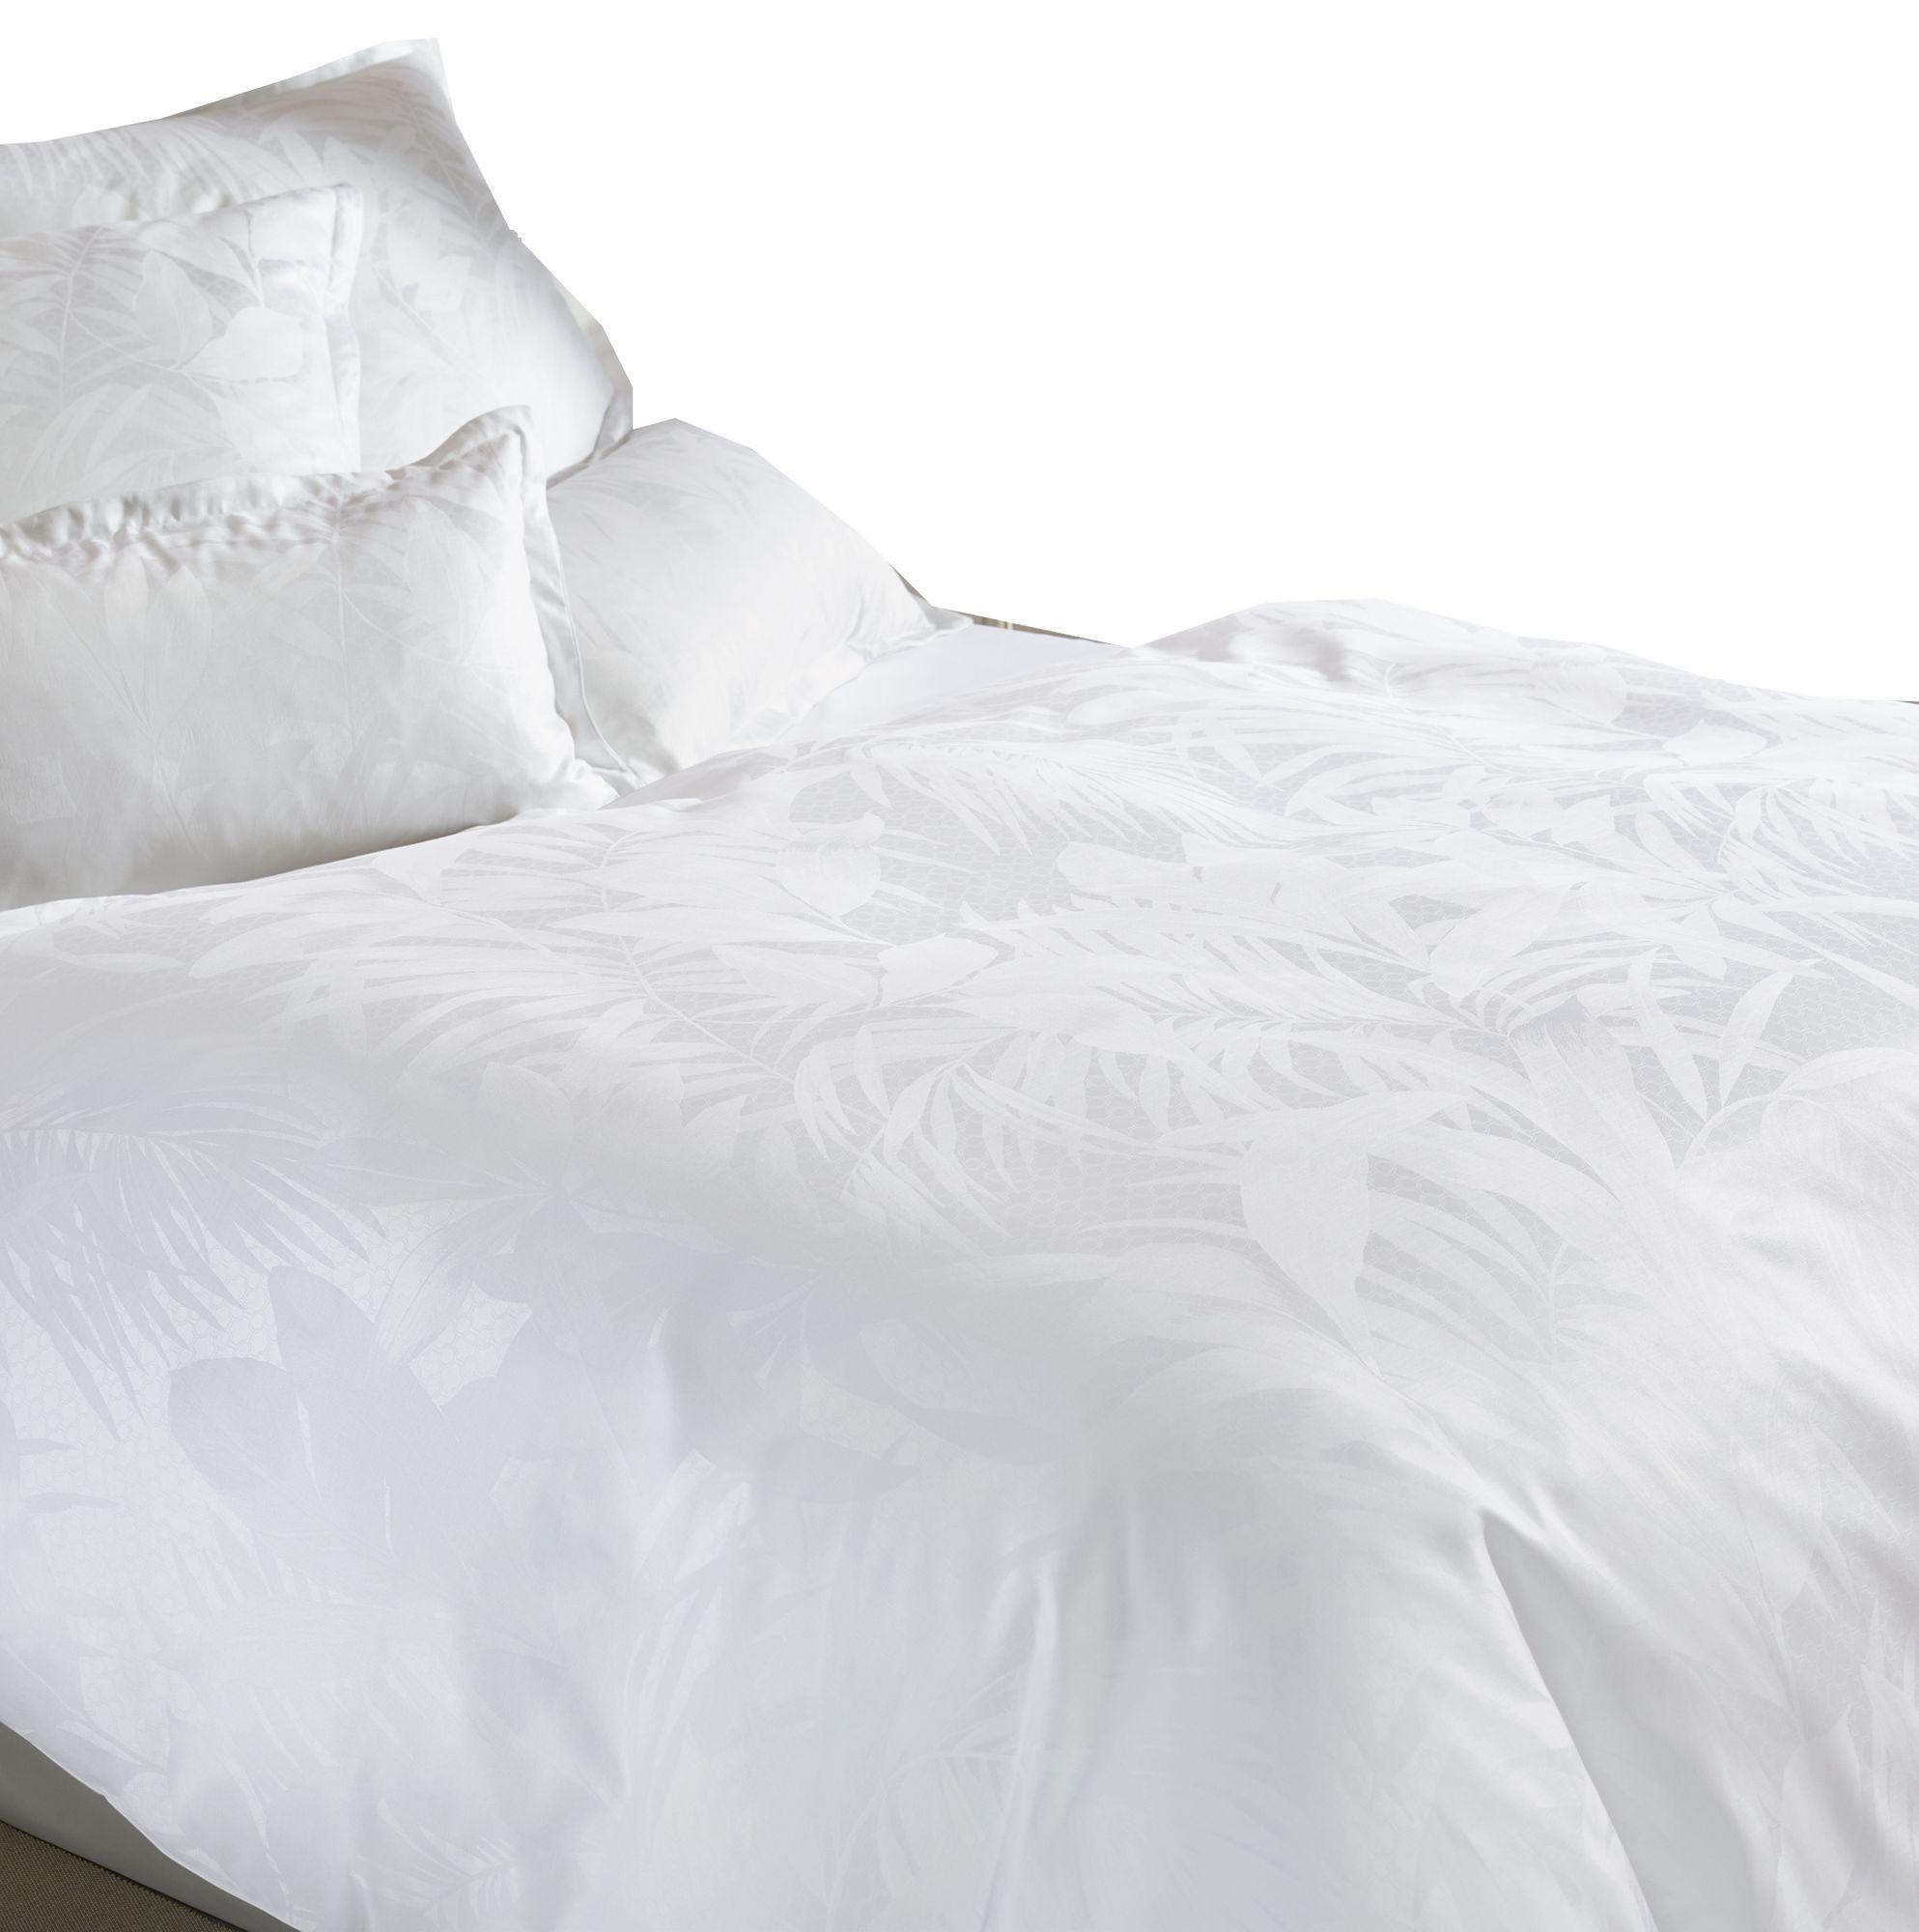 curt bauer mako brokat damast bettw sche cannes gr e 200x200 2x80x80 cm farbe wei bettw sche. Black Bedroom Furniture Sets. Home Design Ideas